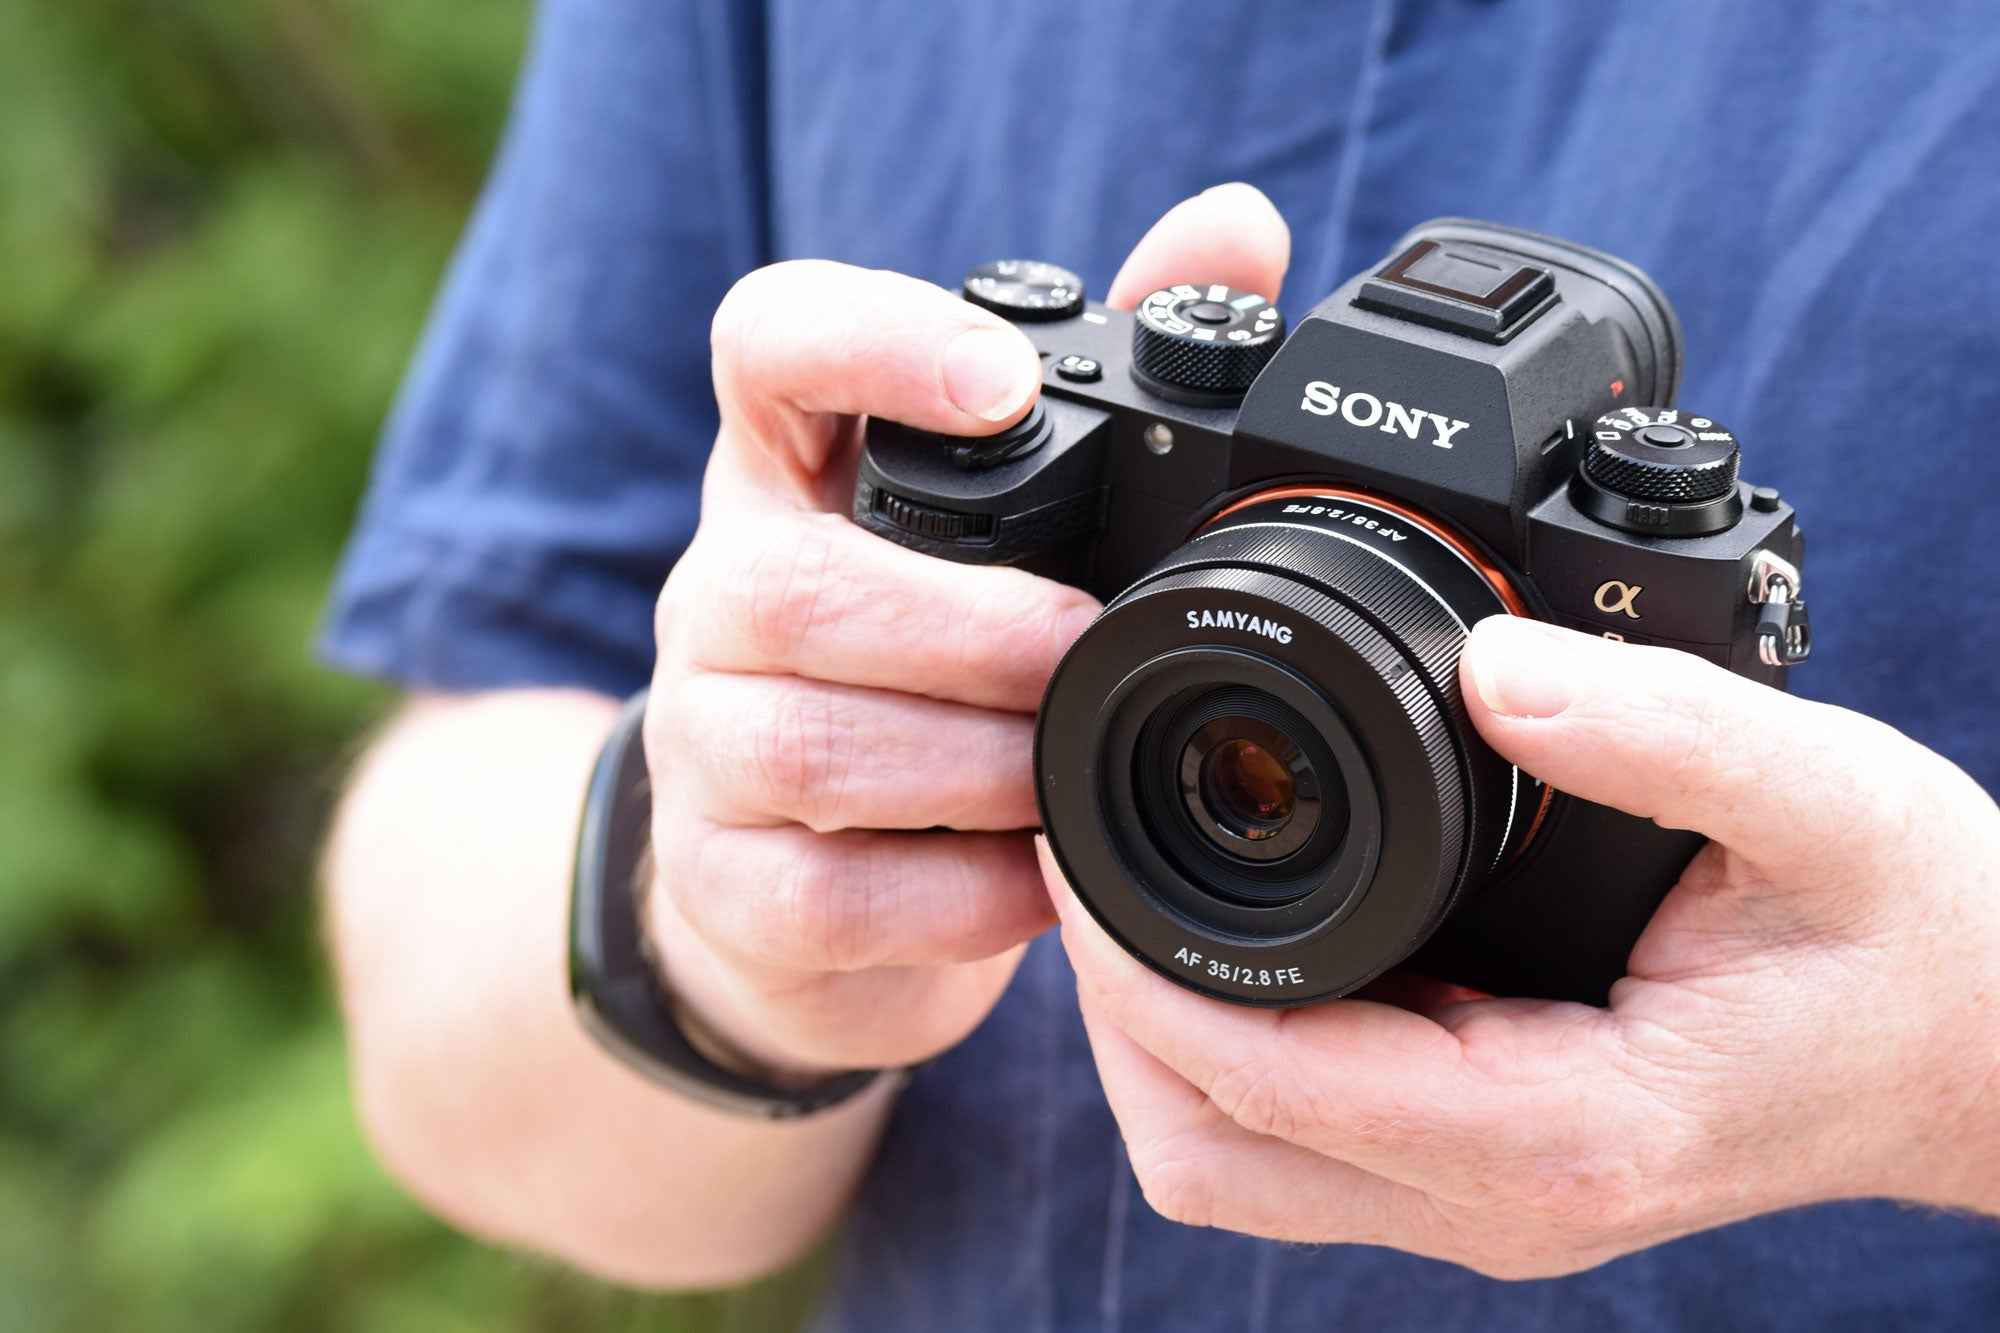 Samyang AF 35mm f/2.8 FE Review | Trusted Reviews